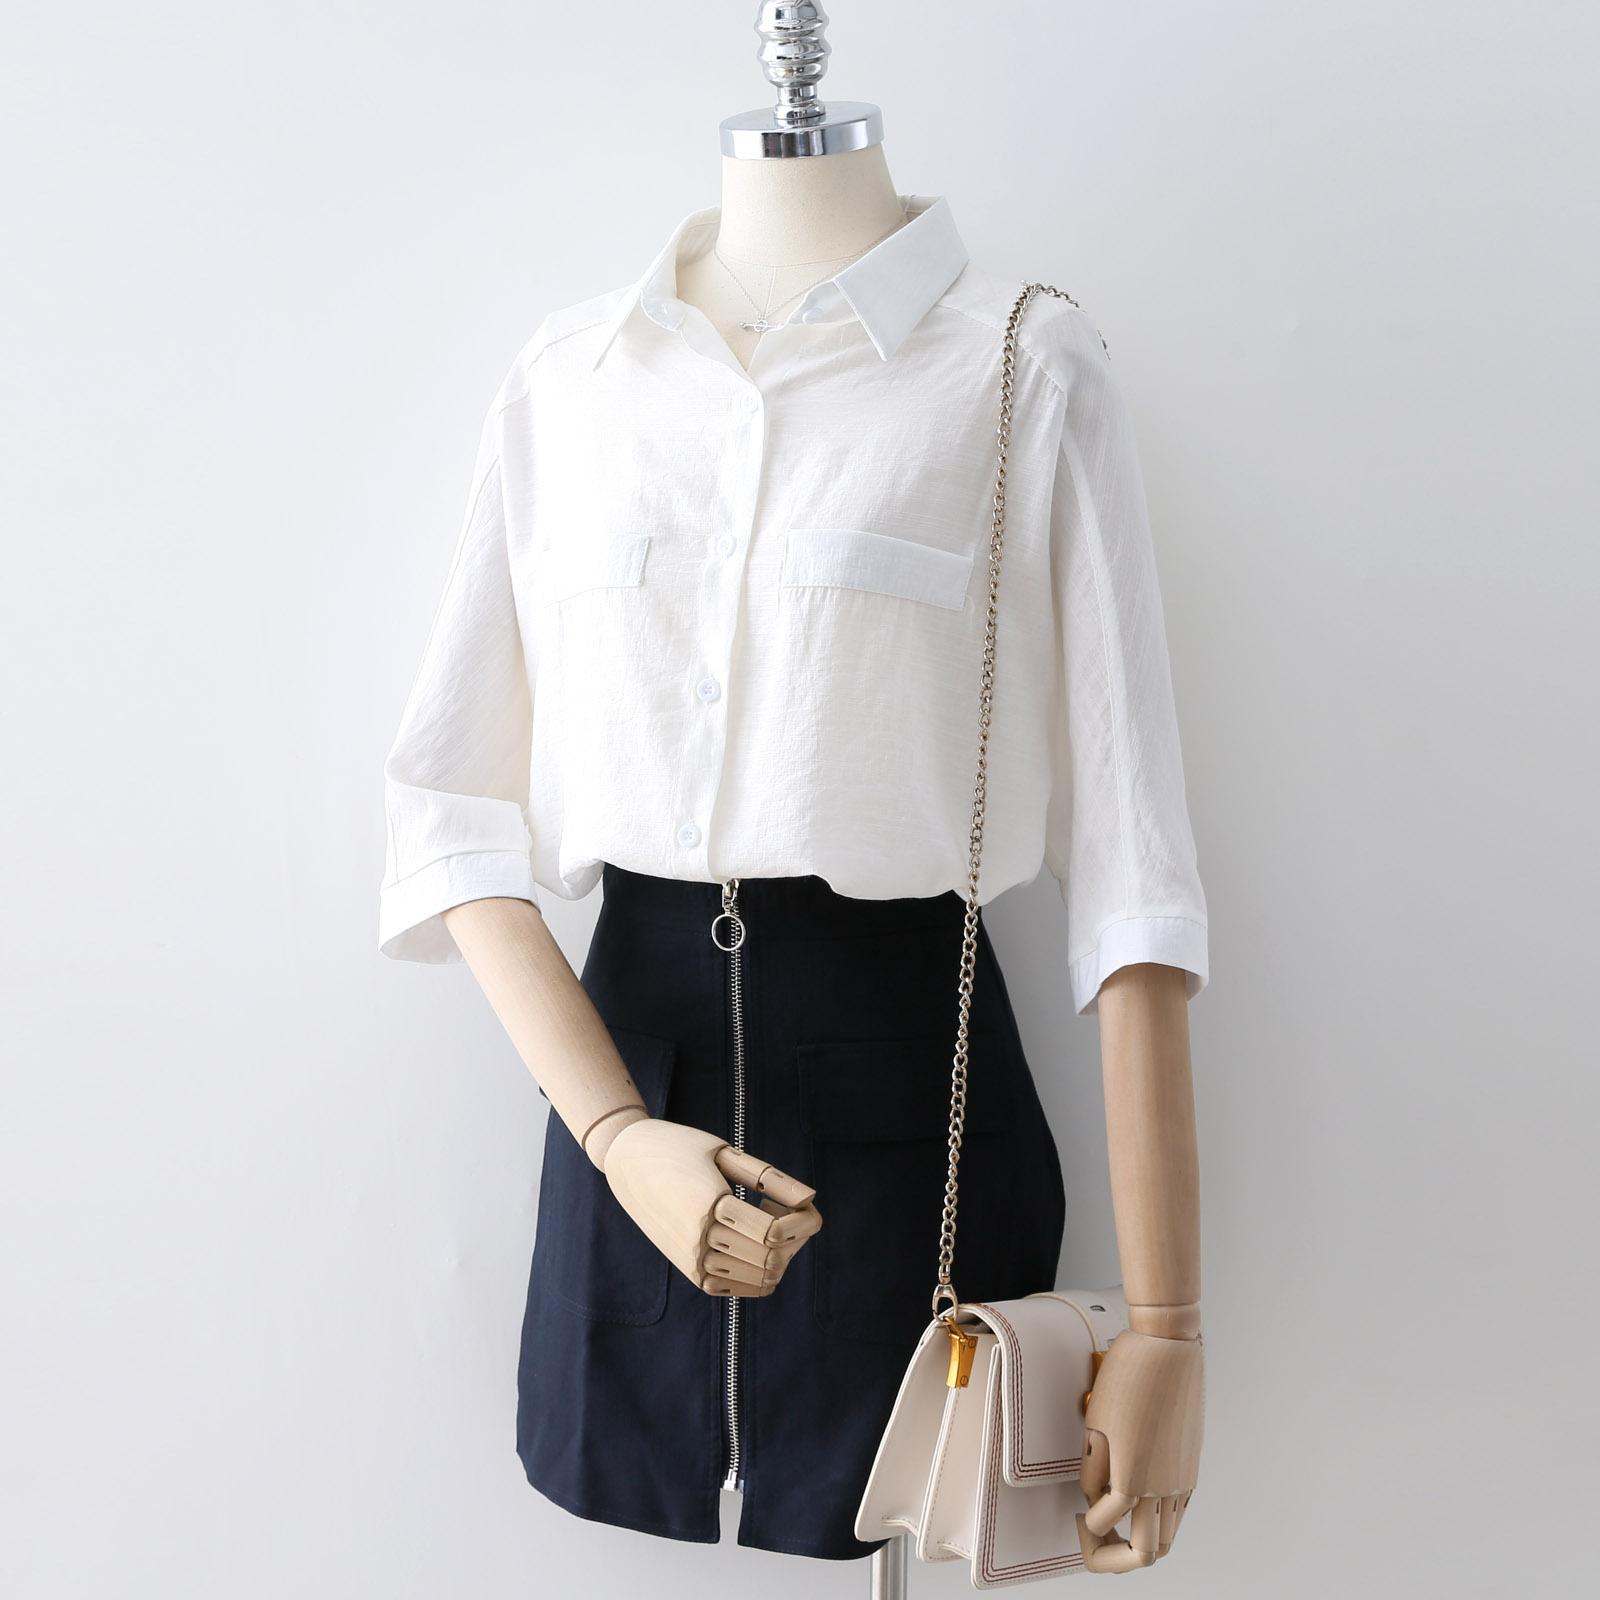 2018夏装新款韩版中袖衬衫女宽松休闲百搭白色棉麻衬衣短袖C892